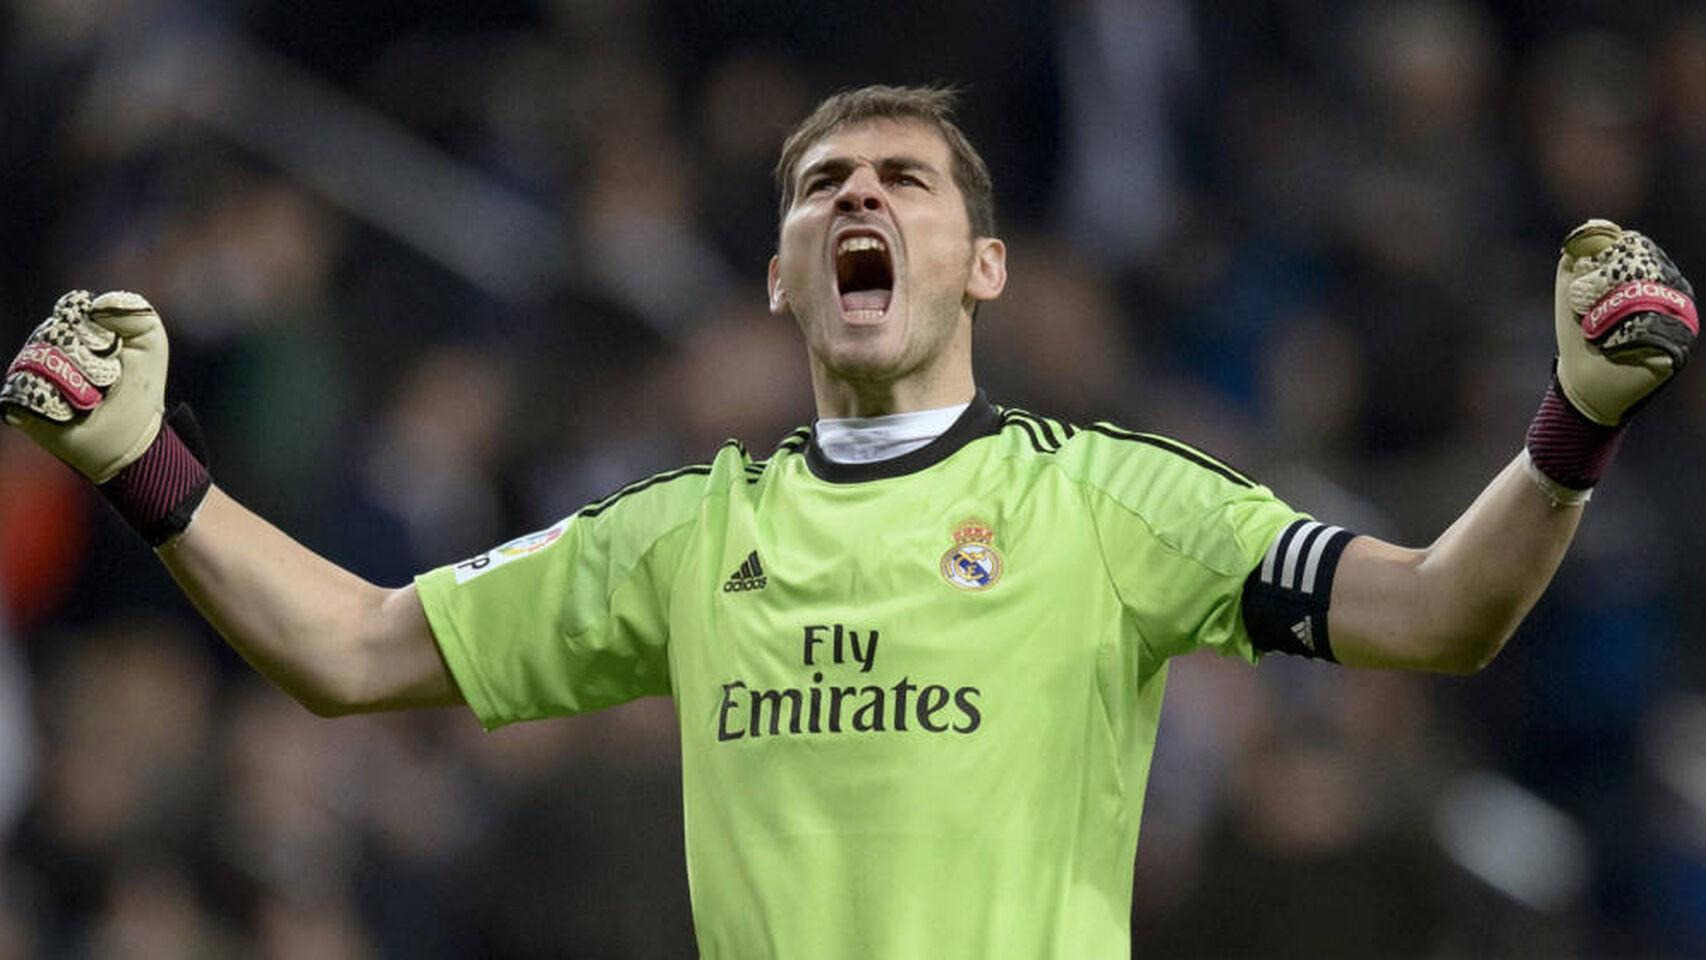 OFICIAL: Iker Casillas, nuevo Adjunto a la Dirección General de la  Fundación Real Madrid